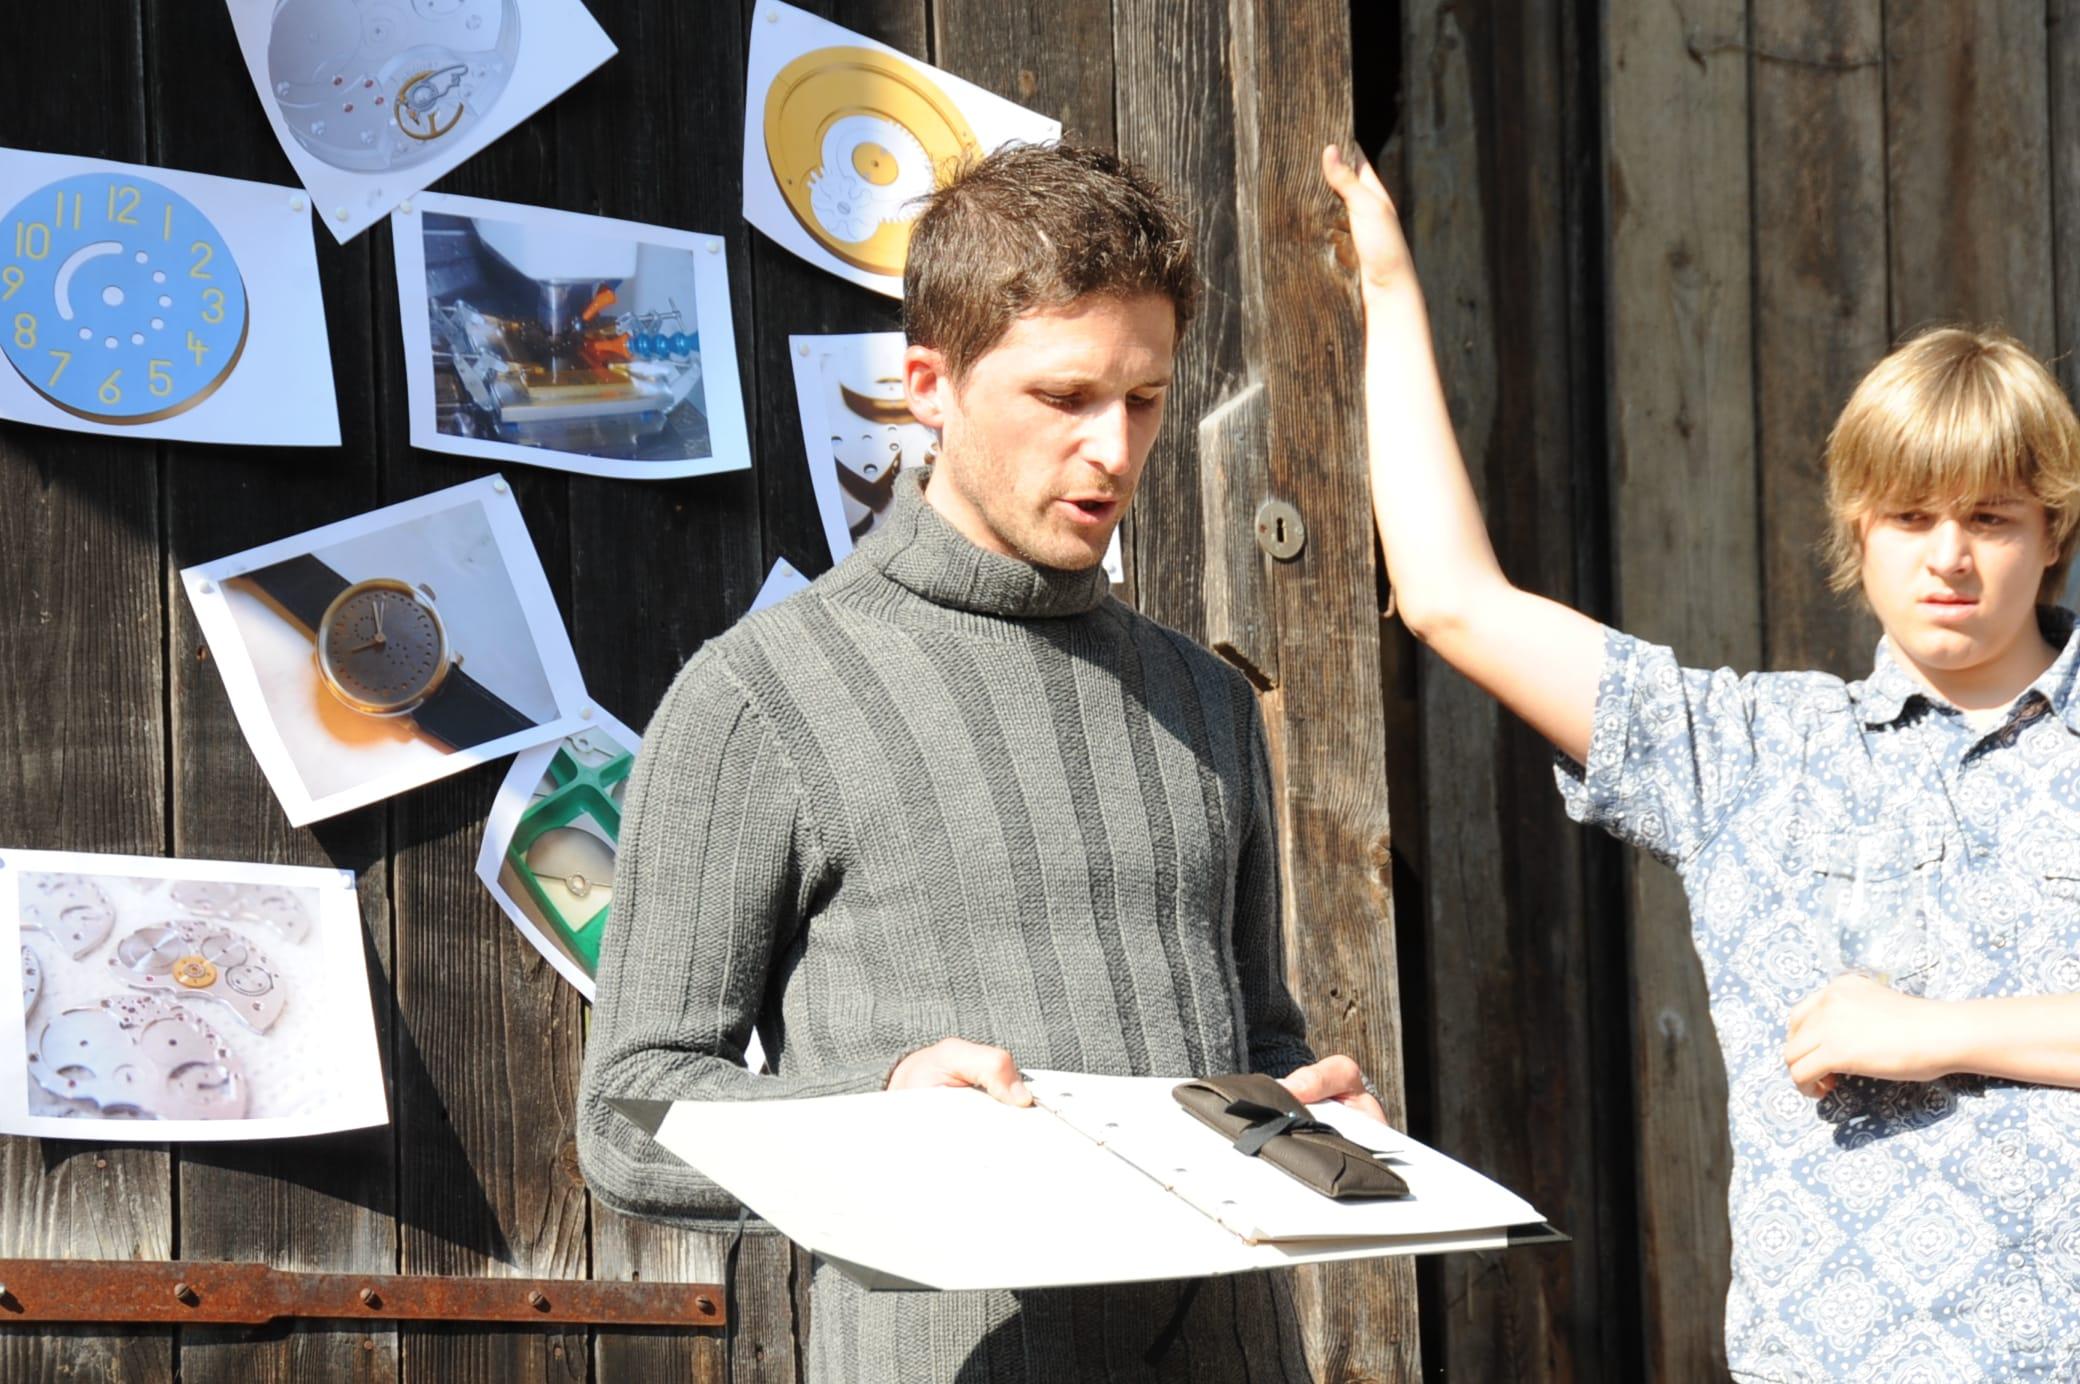 Handgemachter Pappkarton von Mario Cilurzo aus Ebikon, das Lederetui aus Ecopell-Naturleder von Margareta Theiler in Zürich genäht.